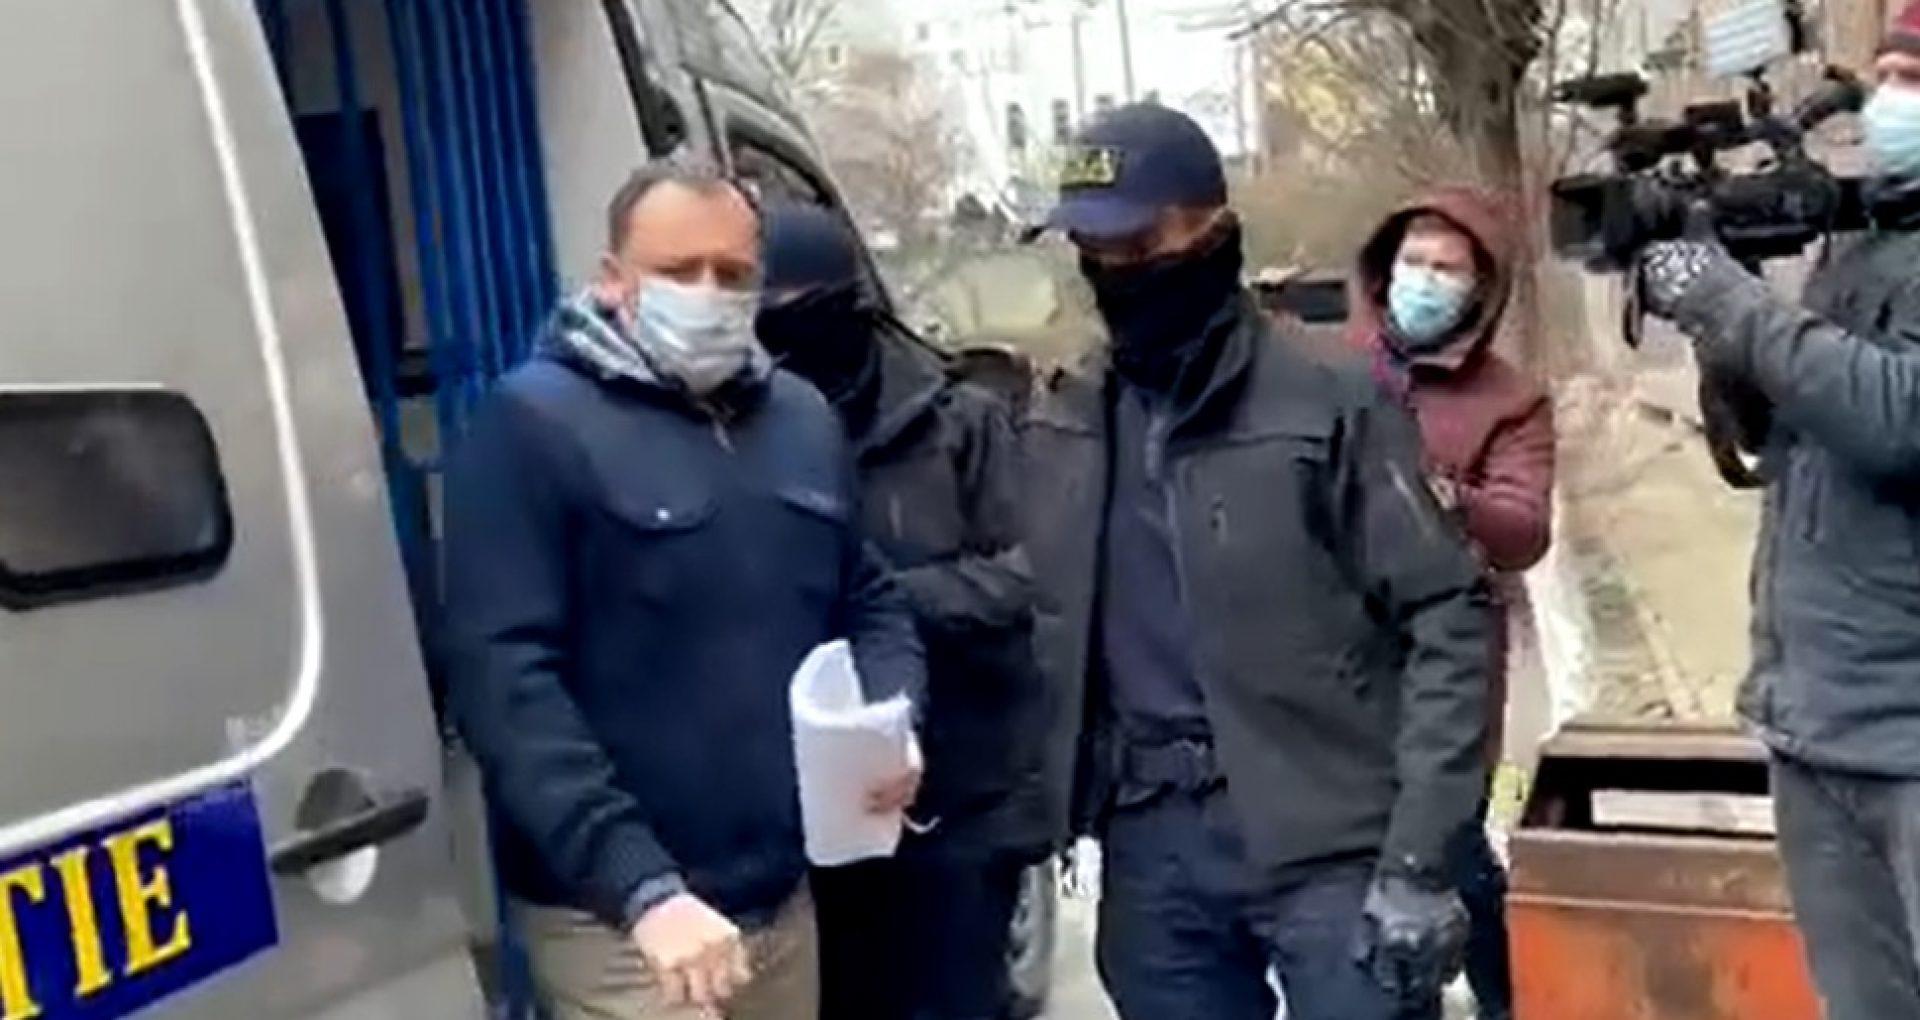 """DOC/ A fost desemnat un nou judecător-raportor, al treilea la număr, în dosarul în care deputatul """"ȘOR"""" Denis Ulanov este cercetat pentru """"escrocherie"""": ședințele au fost reluate"""